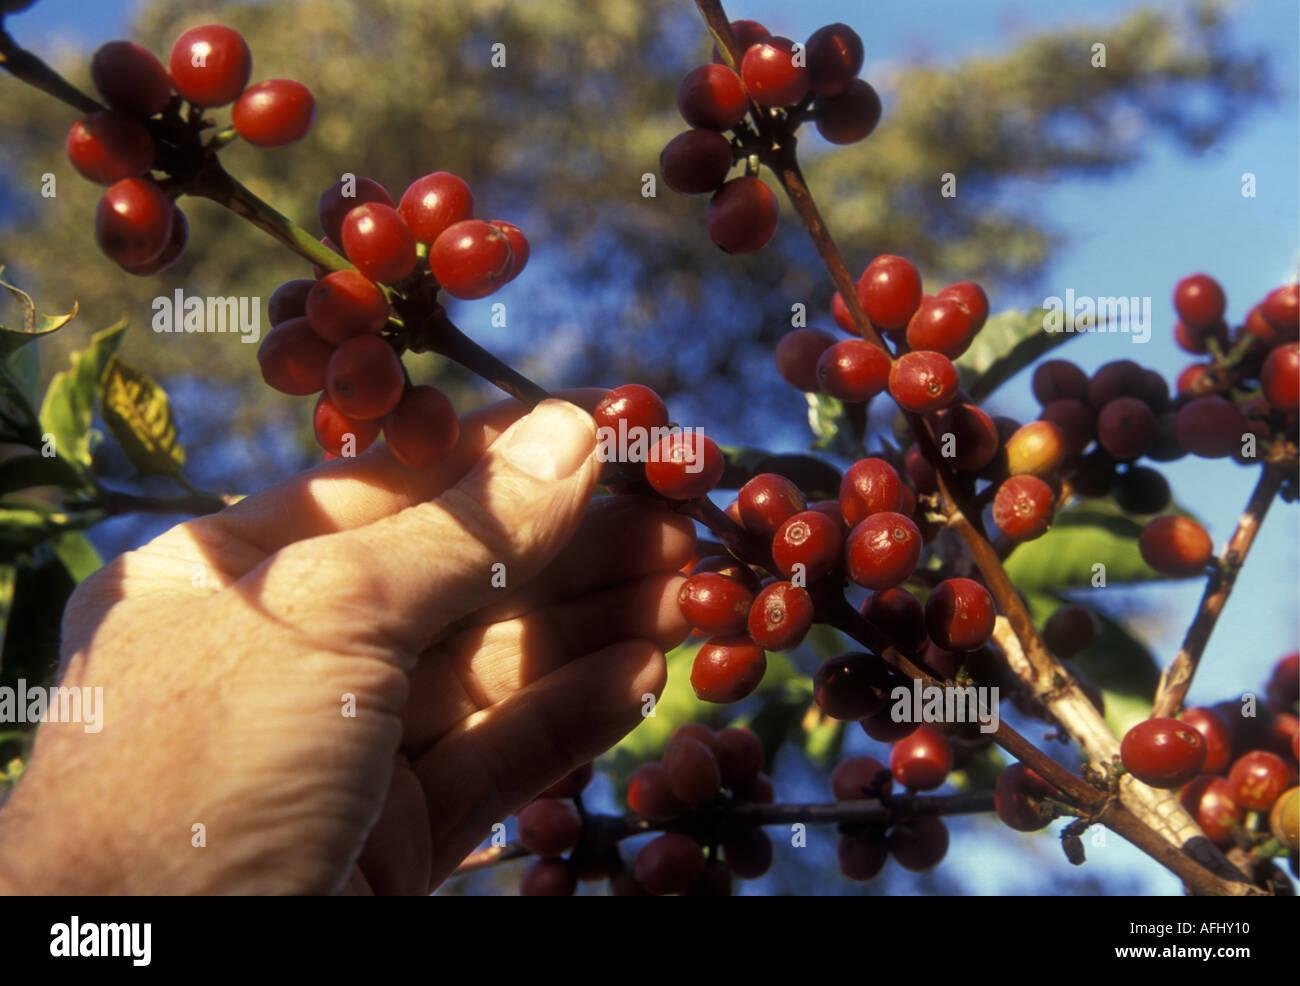 La main de l'homme blanc près de baies de café robusta rouge mûr près d'Arusha Tanzanie du Nord Afrique de l'Est Photo Stock